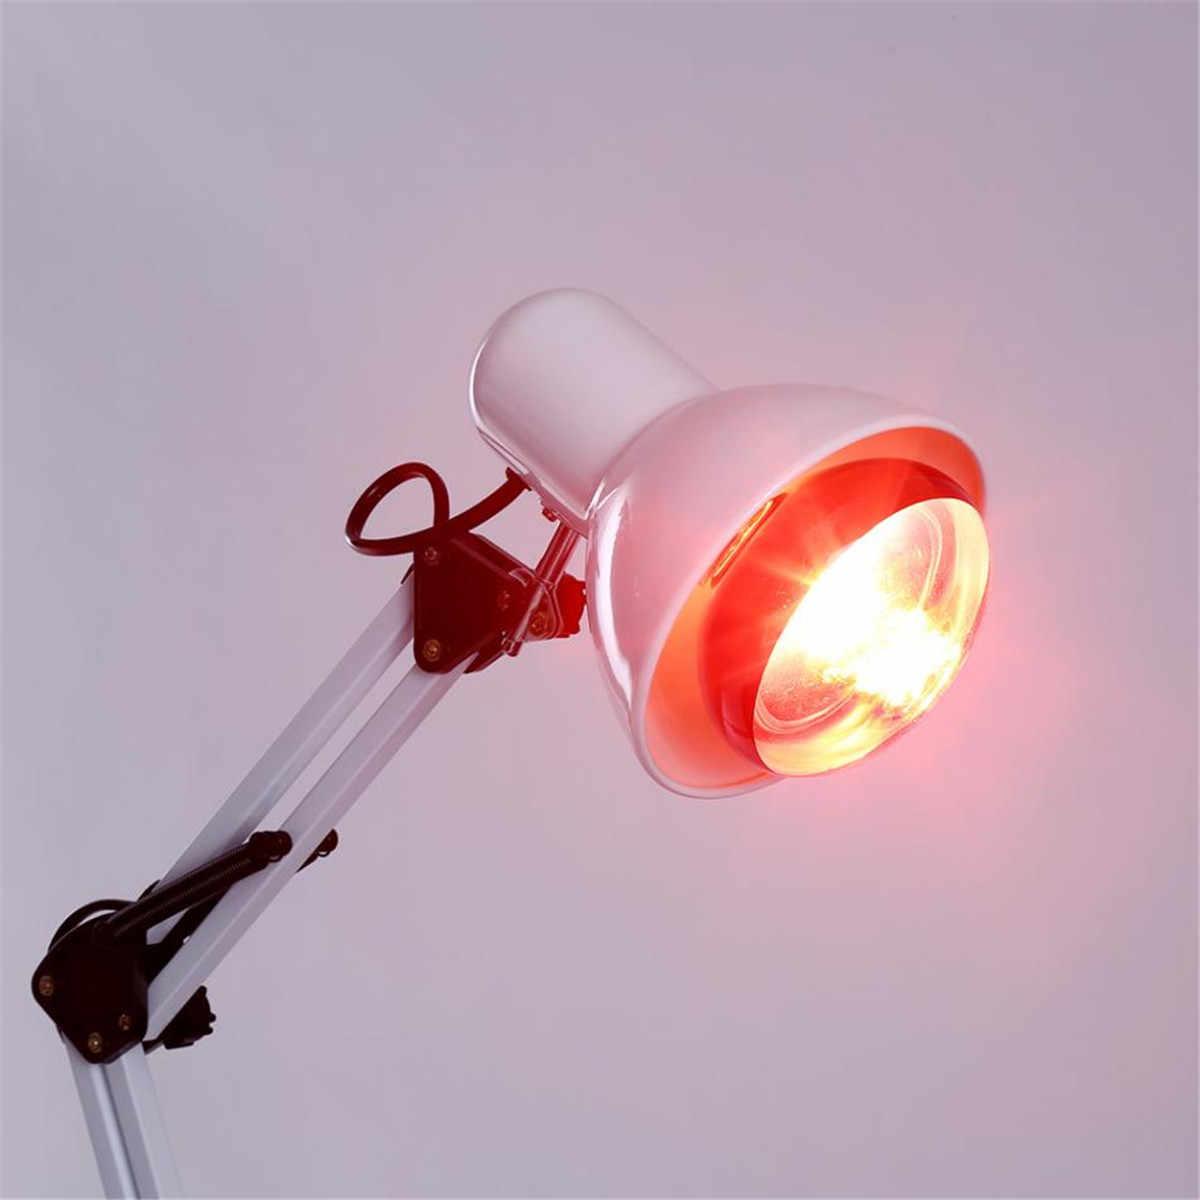 Инфракрасных красных тепло свет 110-240 V 100 W терапевтический дома лампы терапии для облегчения боли напольная подставка штепсельная вилка европейского стандарта 180 Угол E27 облегчение боли